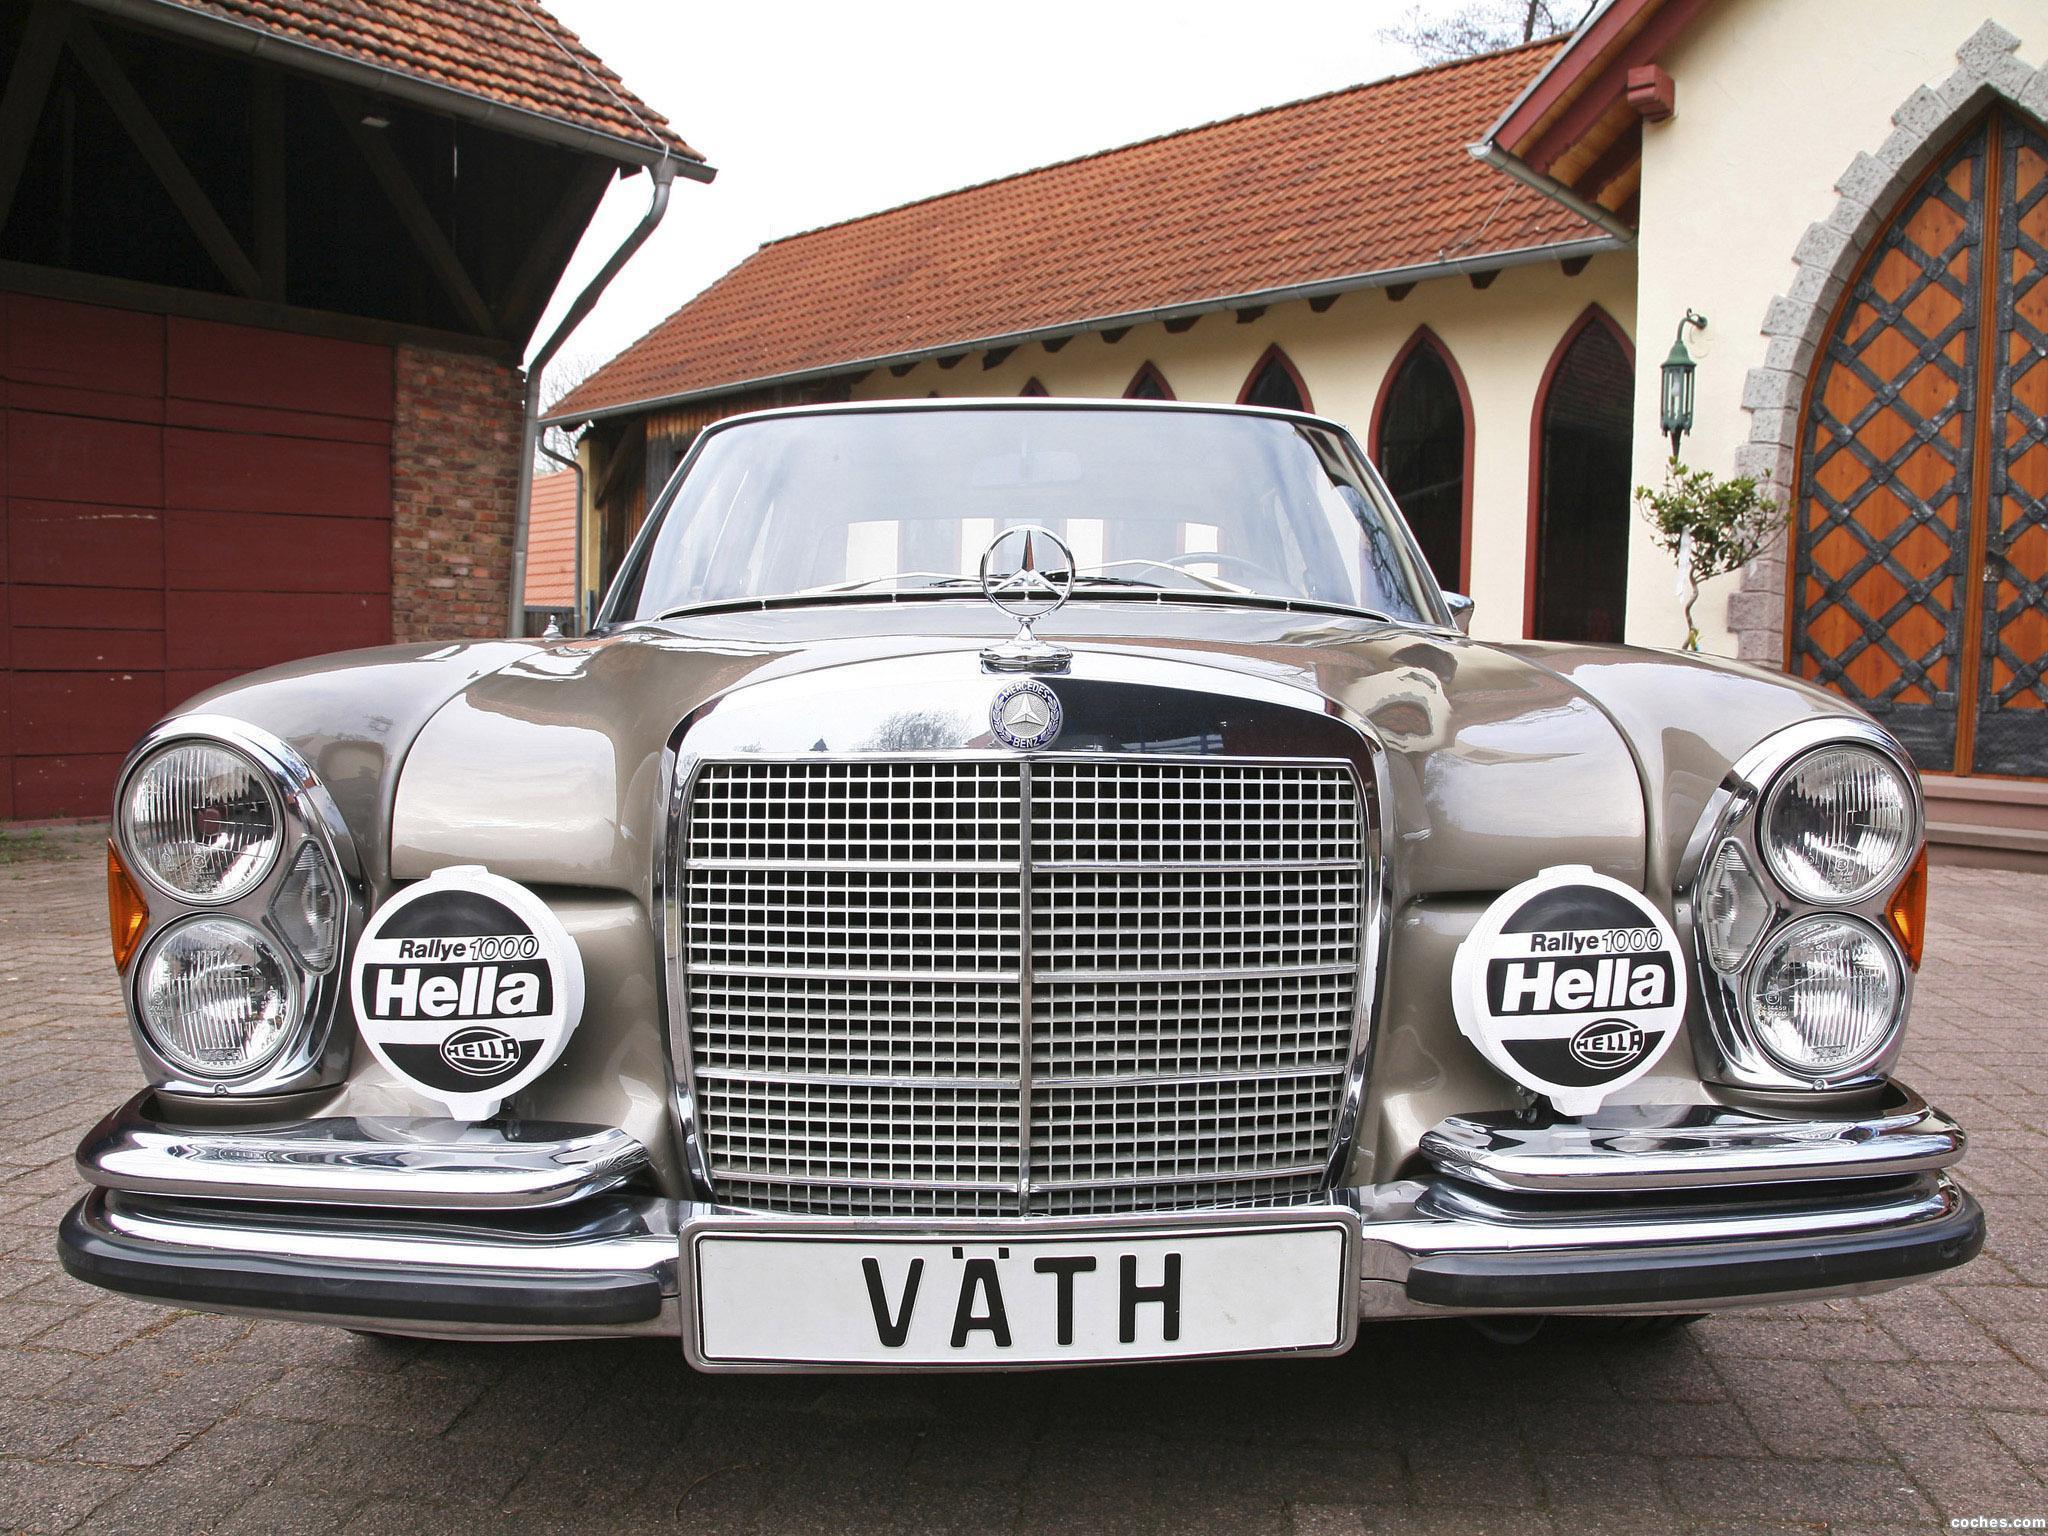 Foto 0 de VATH Mercedes 300 SEL W100 2012